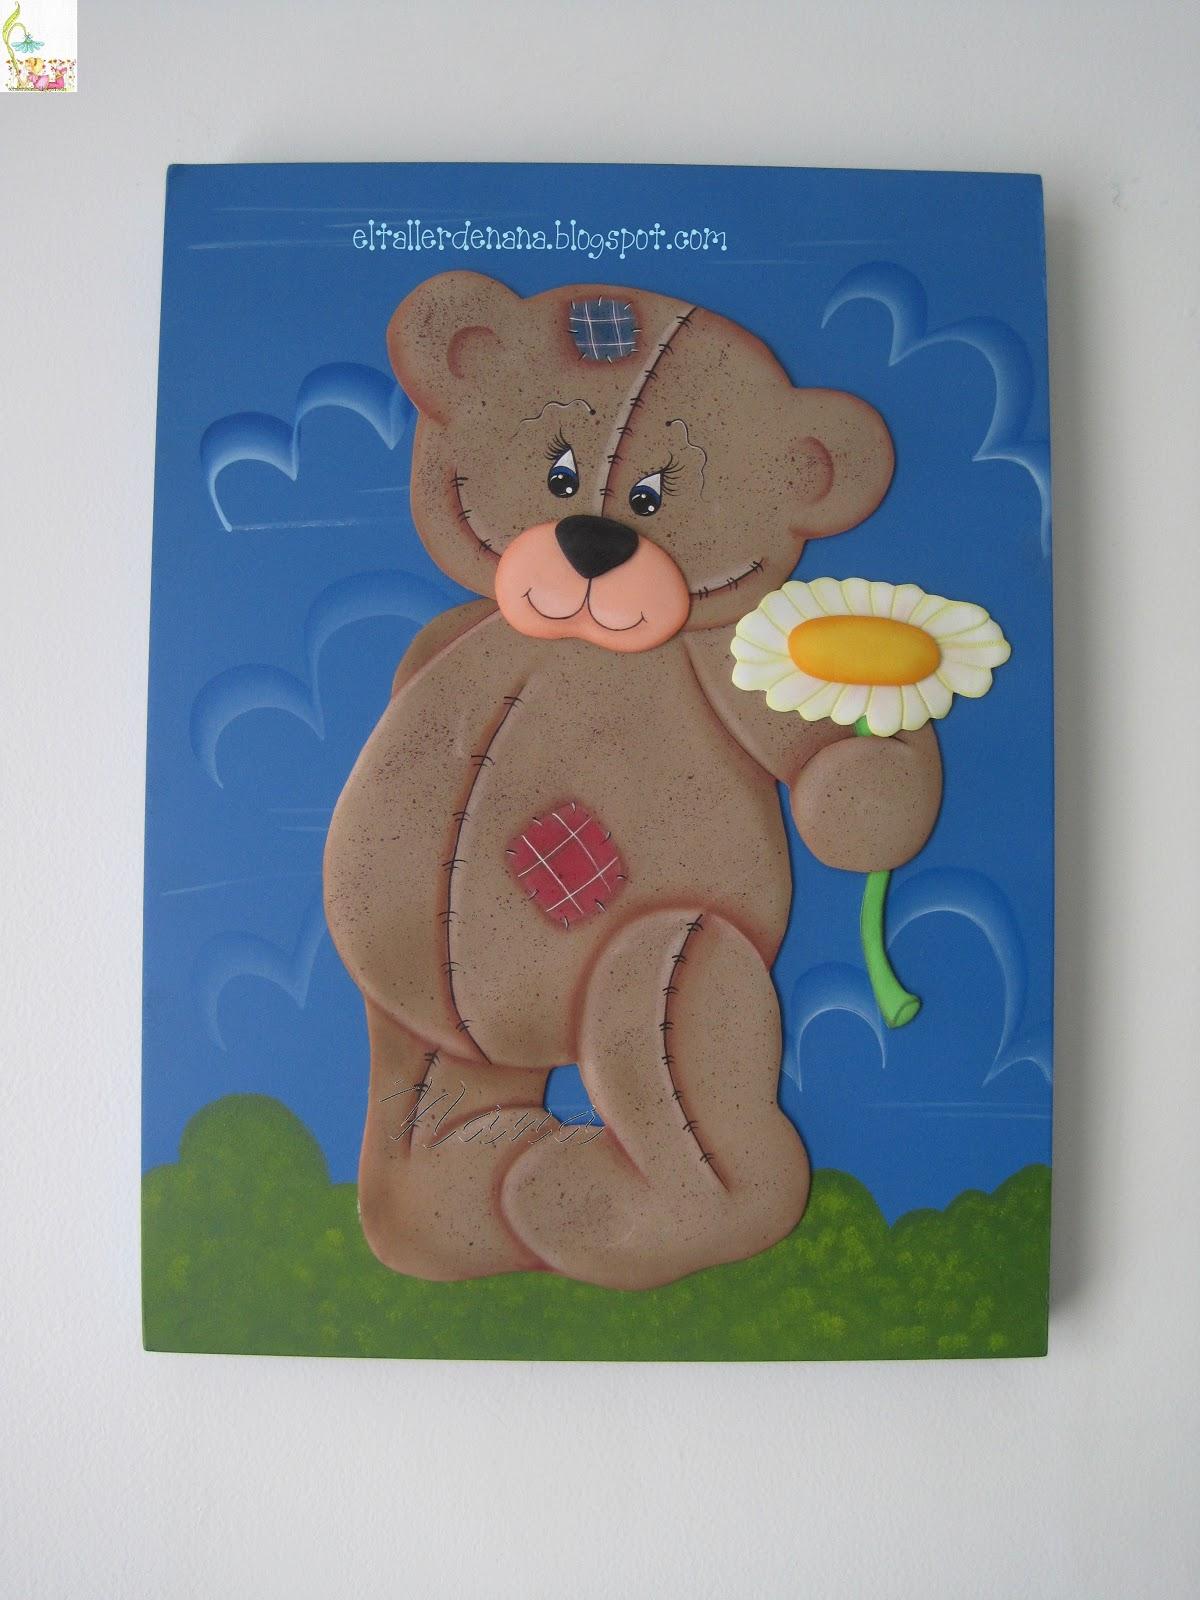 ... de osos la base es en madera y el aplique del oso en foamy un abrazo